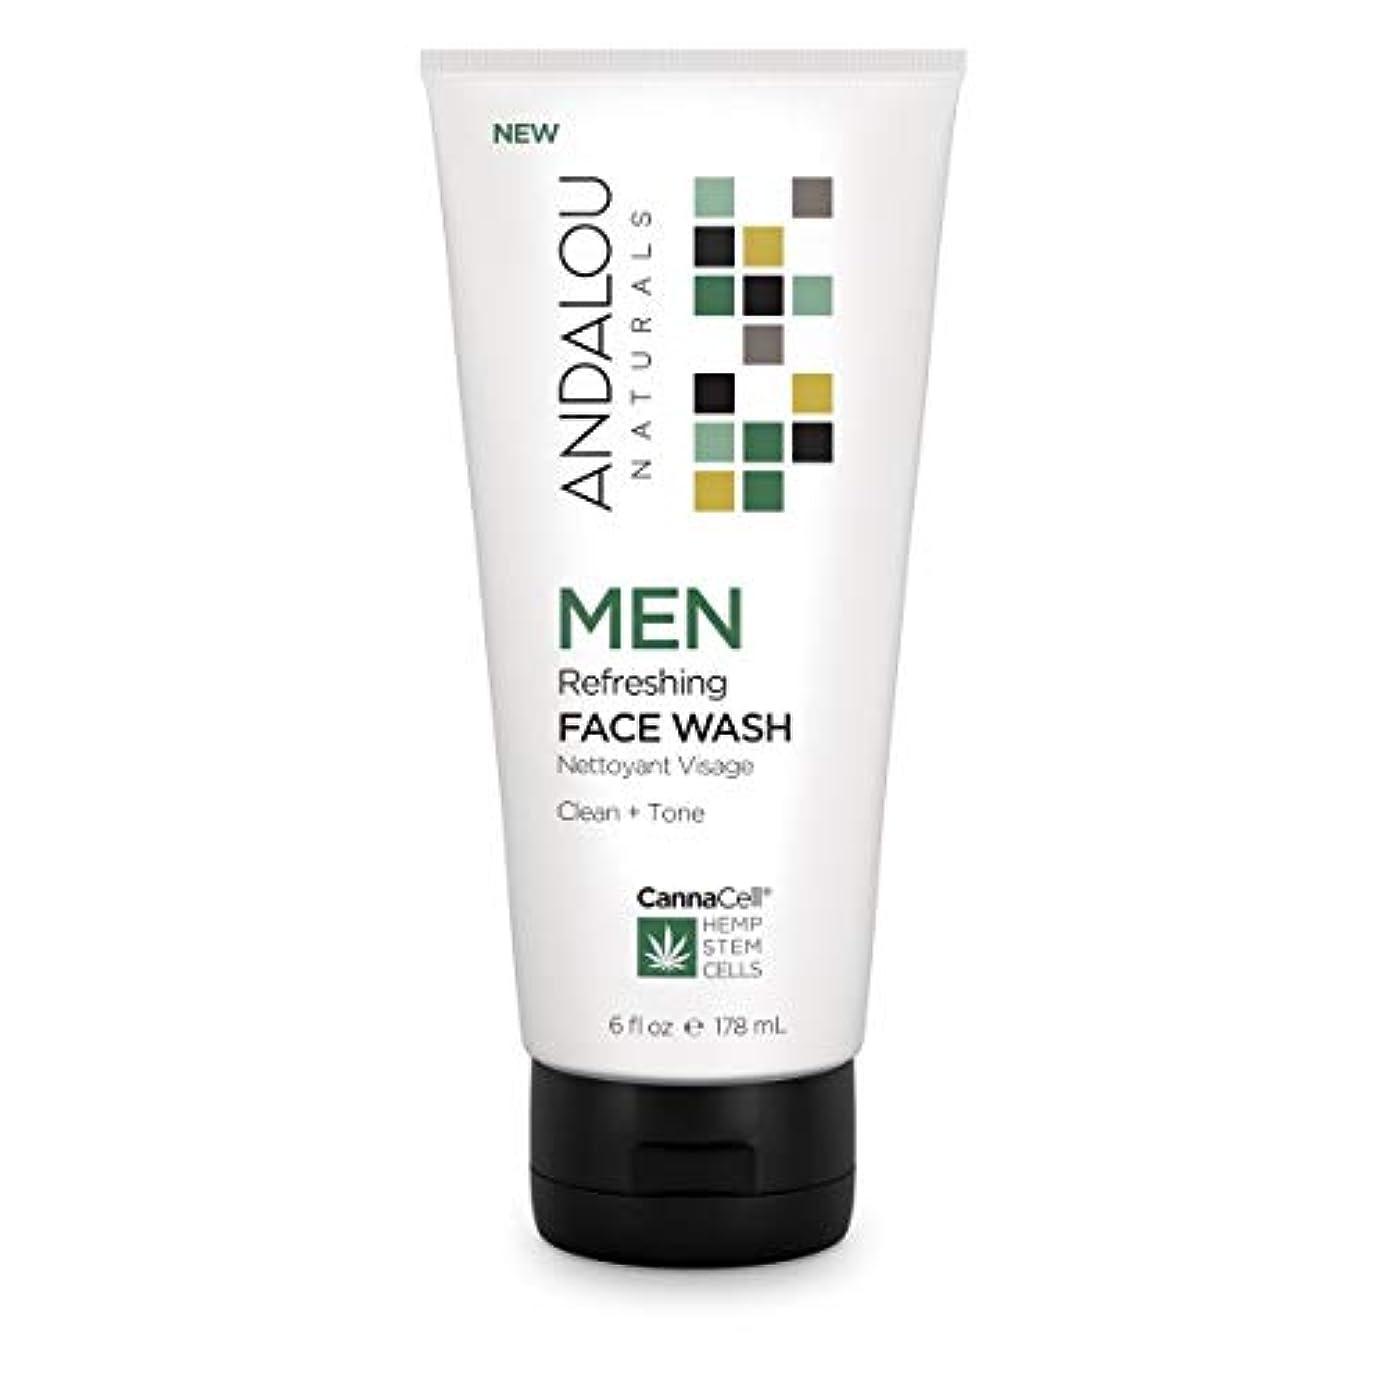 抽選参加者内向きオーガニック ボタニカル 洗顔料 洗顔フォーム ナチュラル フルーツ幹細胞 ヘンプ幹細胞 「 MEN リフレッシングフェイスウォッシュ 」 ANDALOU naturals アンダルー ナチュラルズ